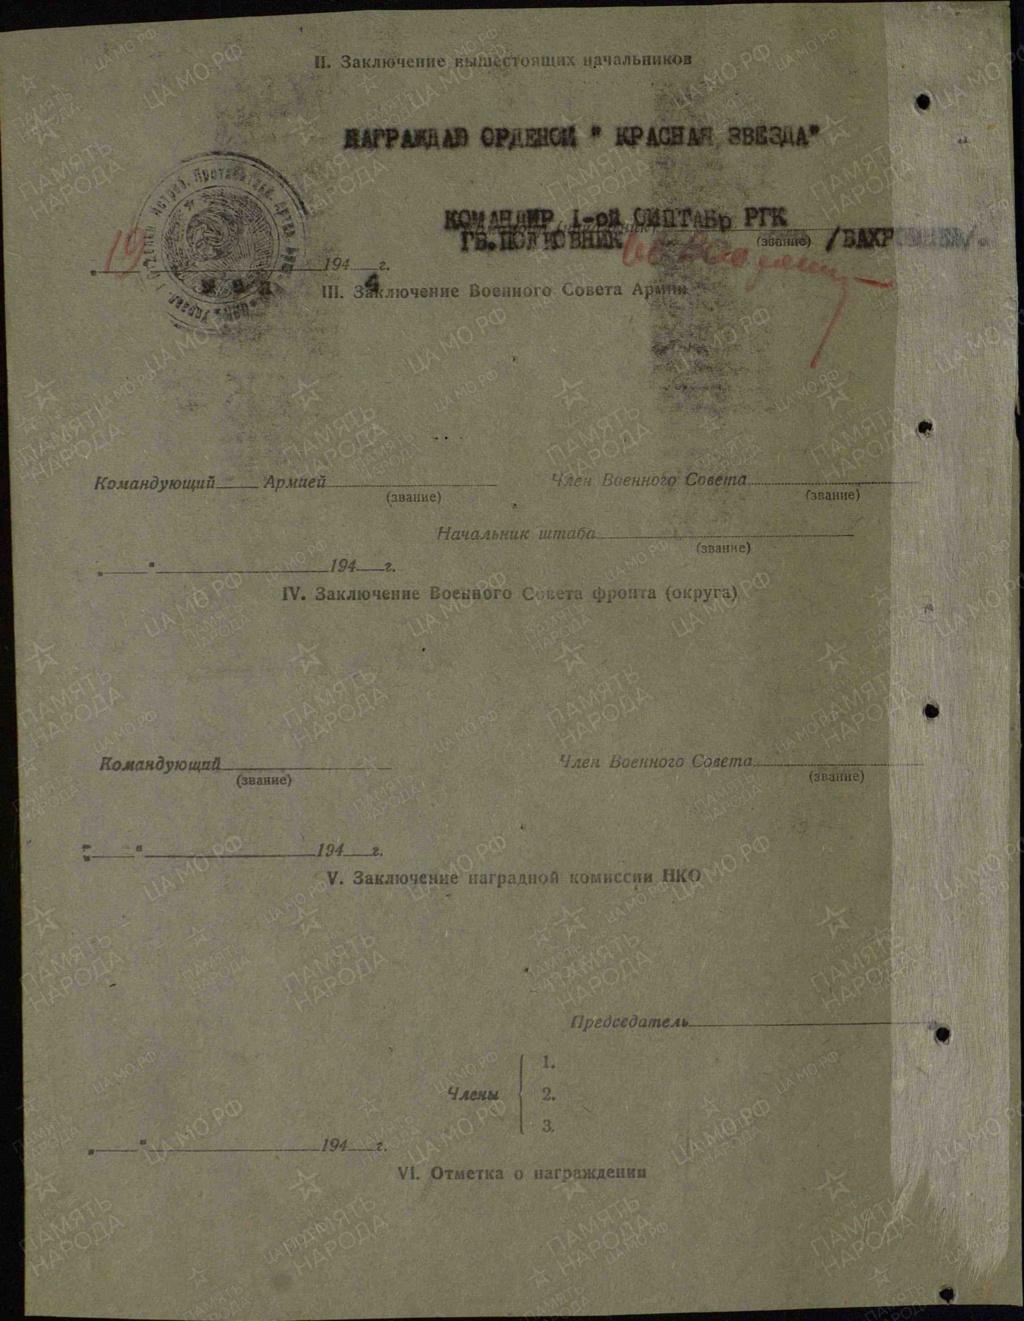 Захаренков (Захаренко) Федор Корнеевич, 08.03.1941 г., Белосток 00000211